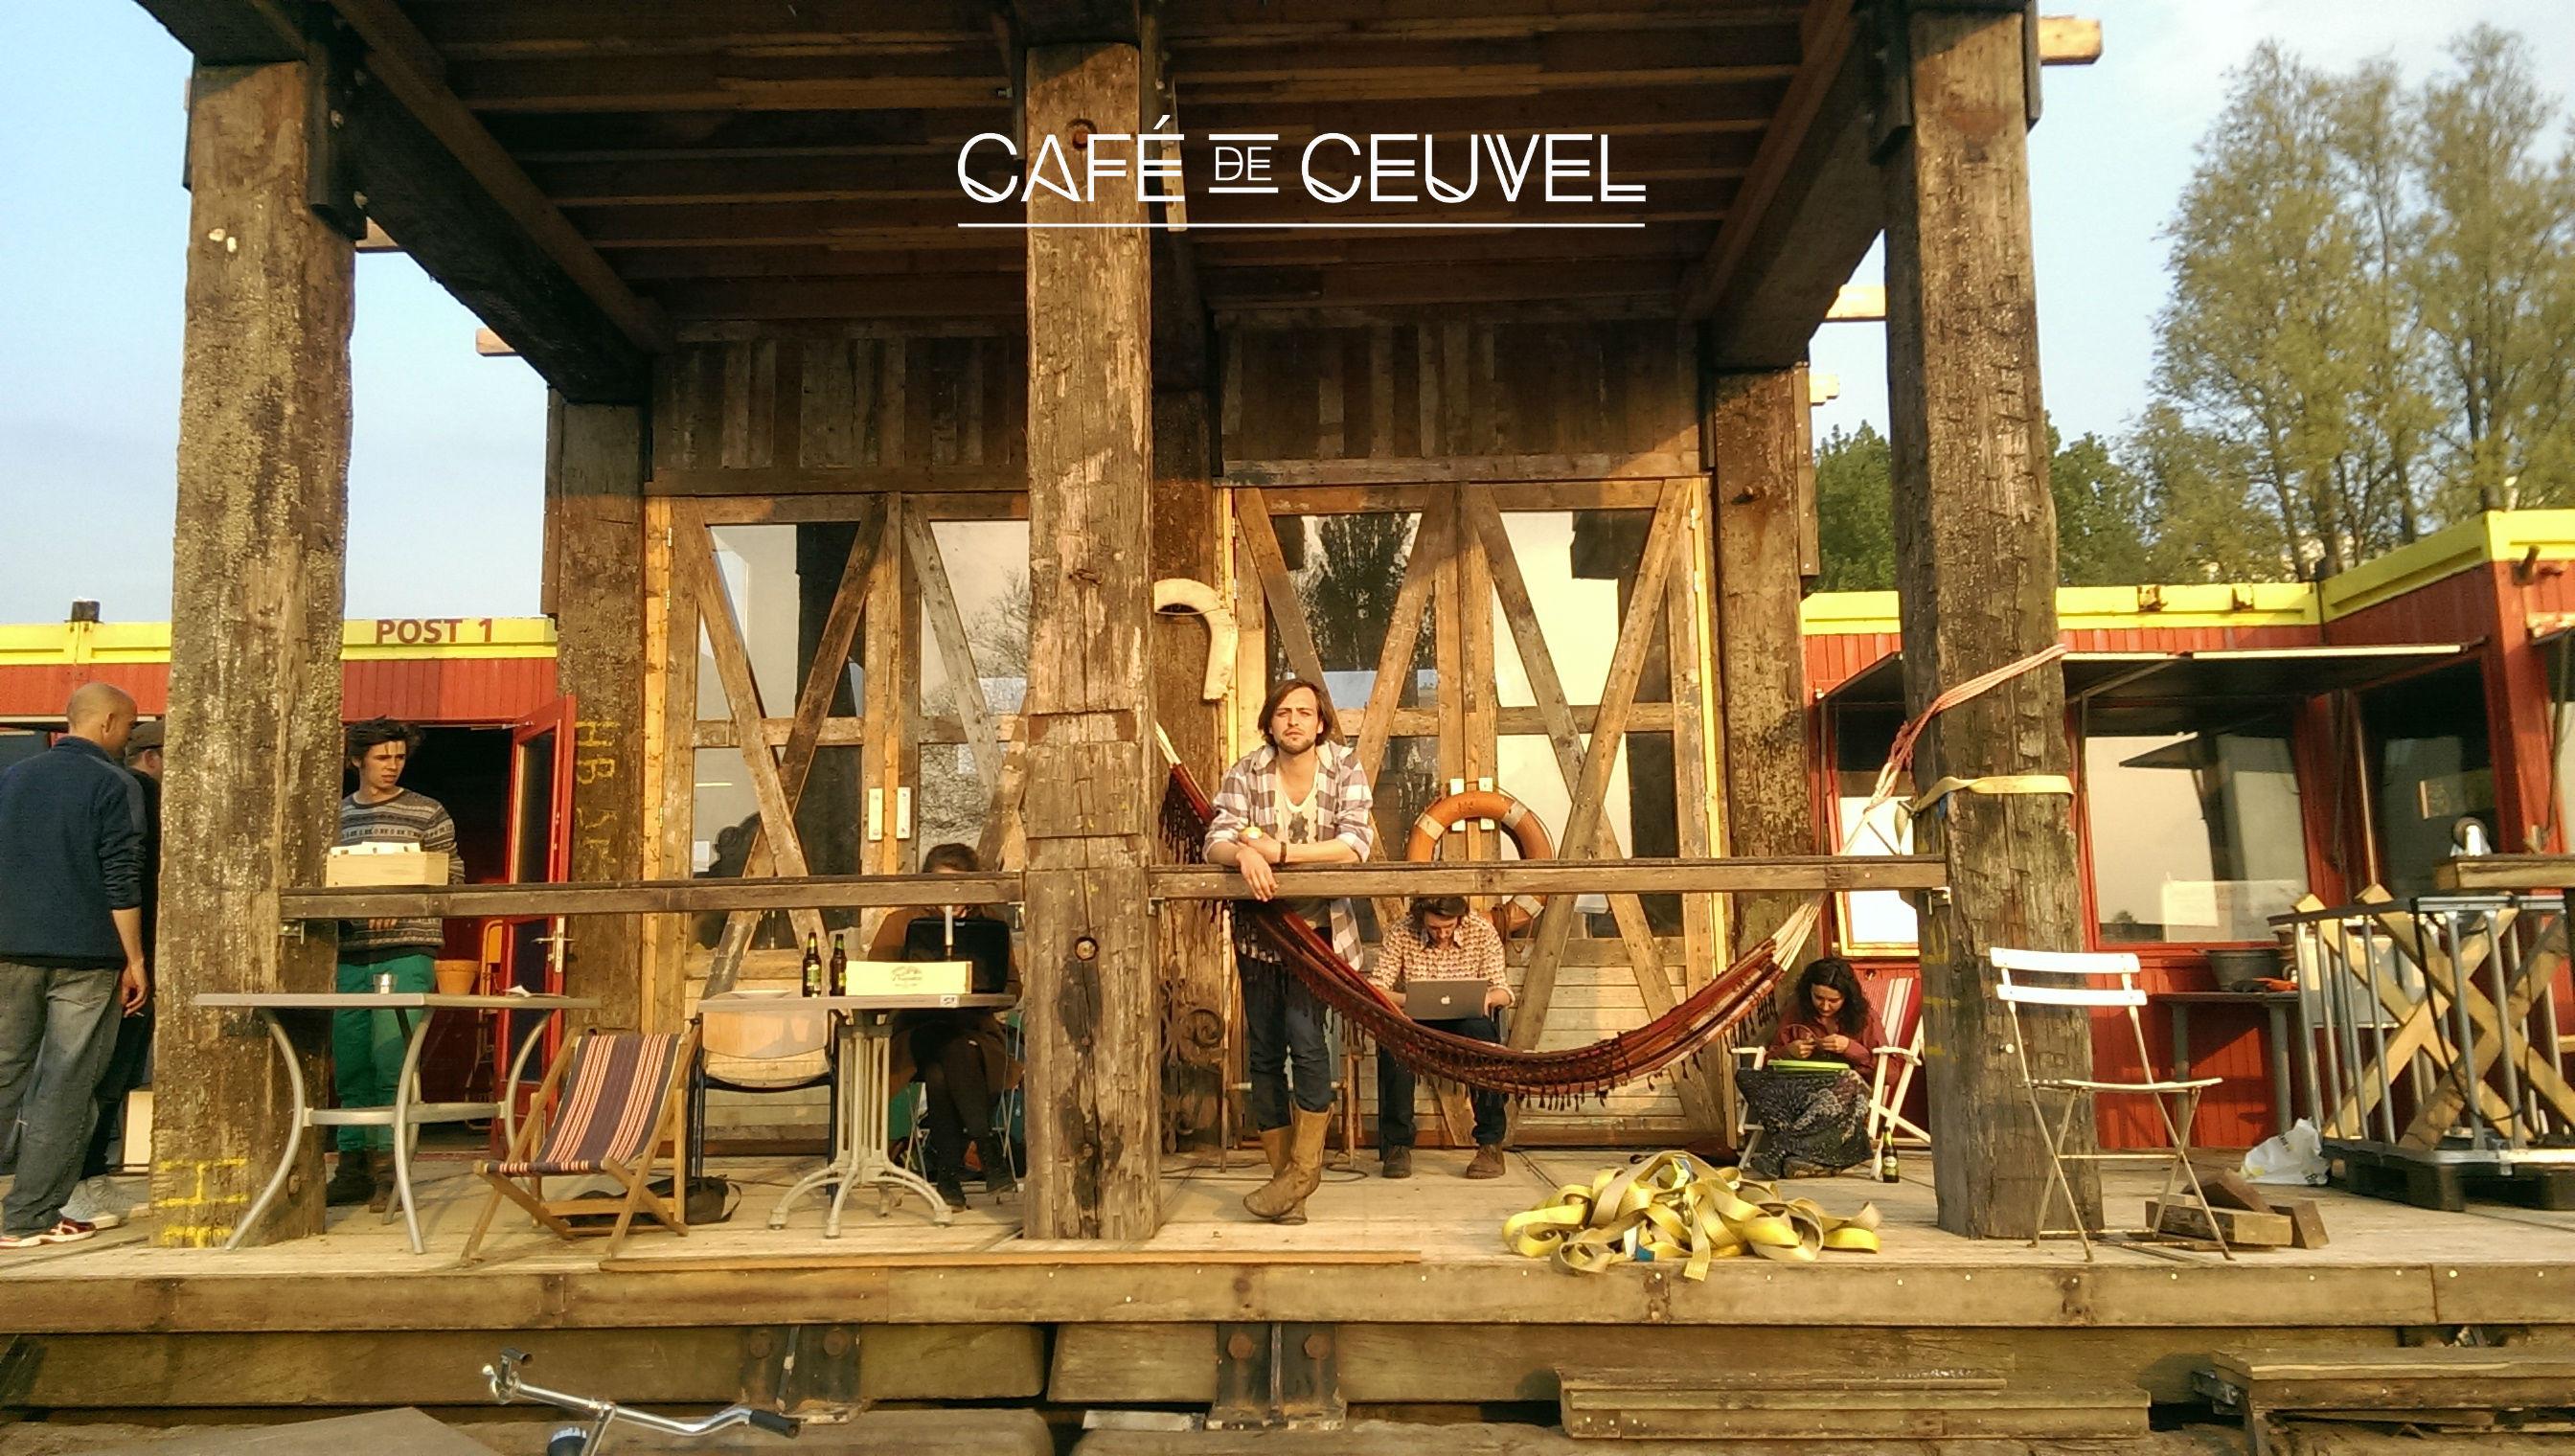 cafe de ceuvel - bart van overbeek